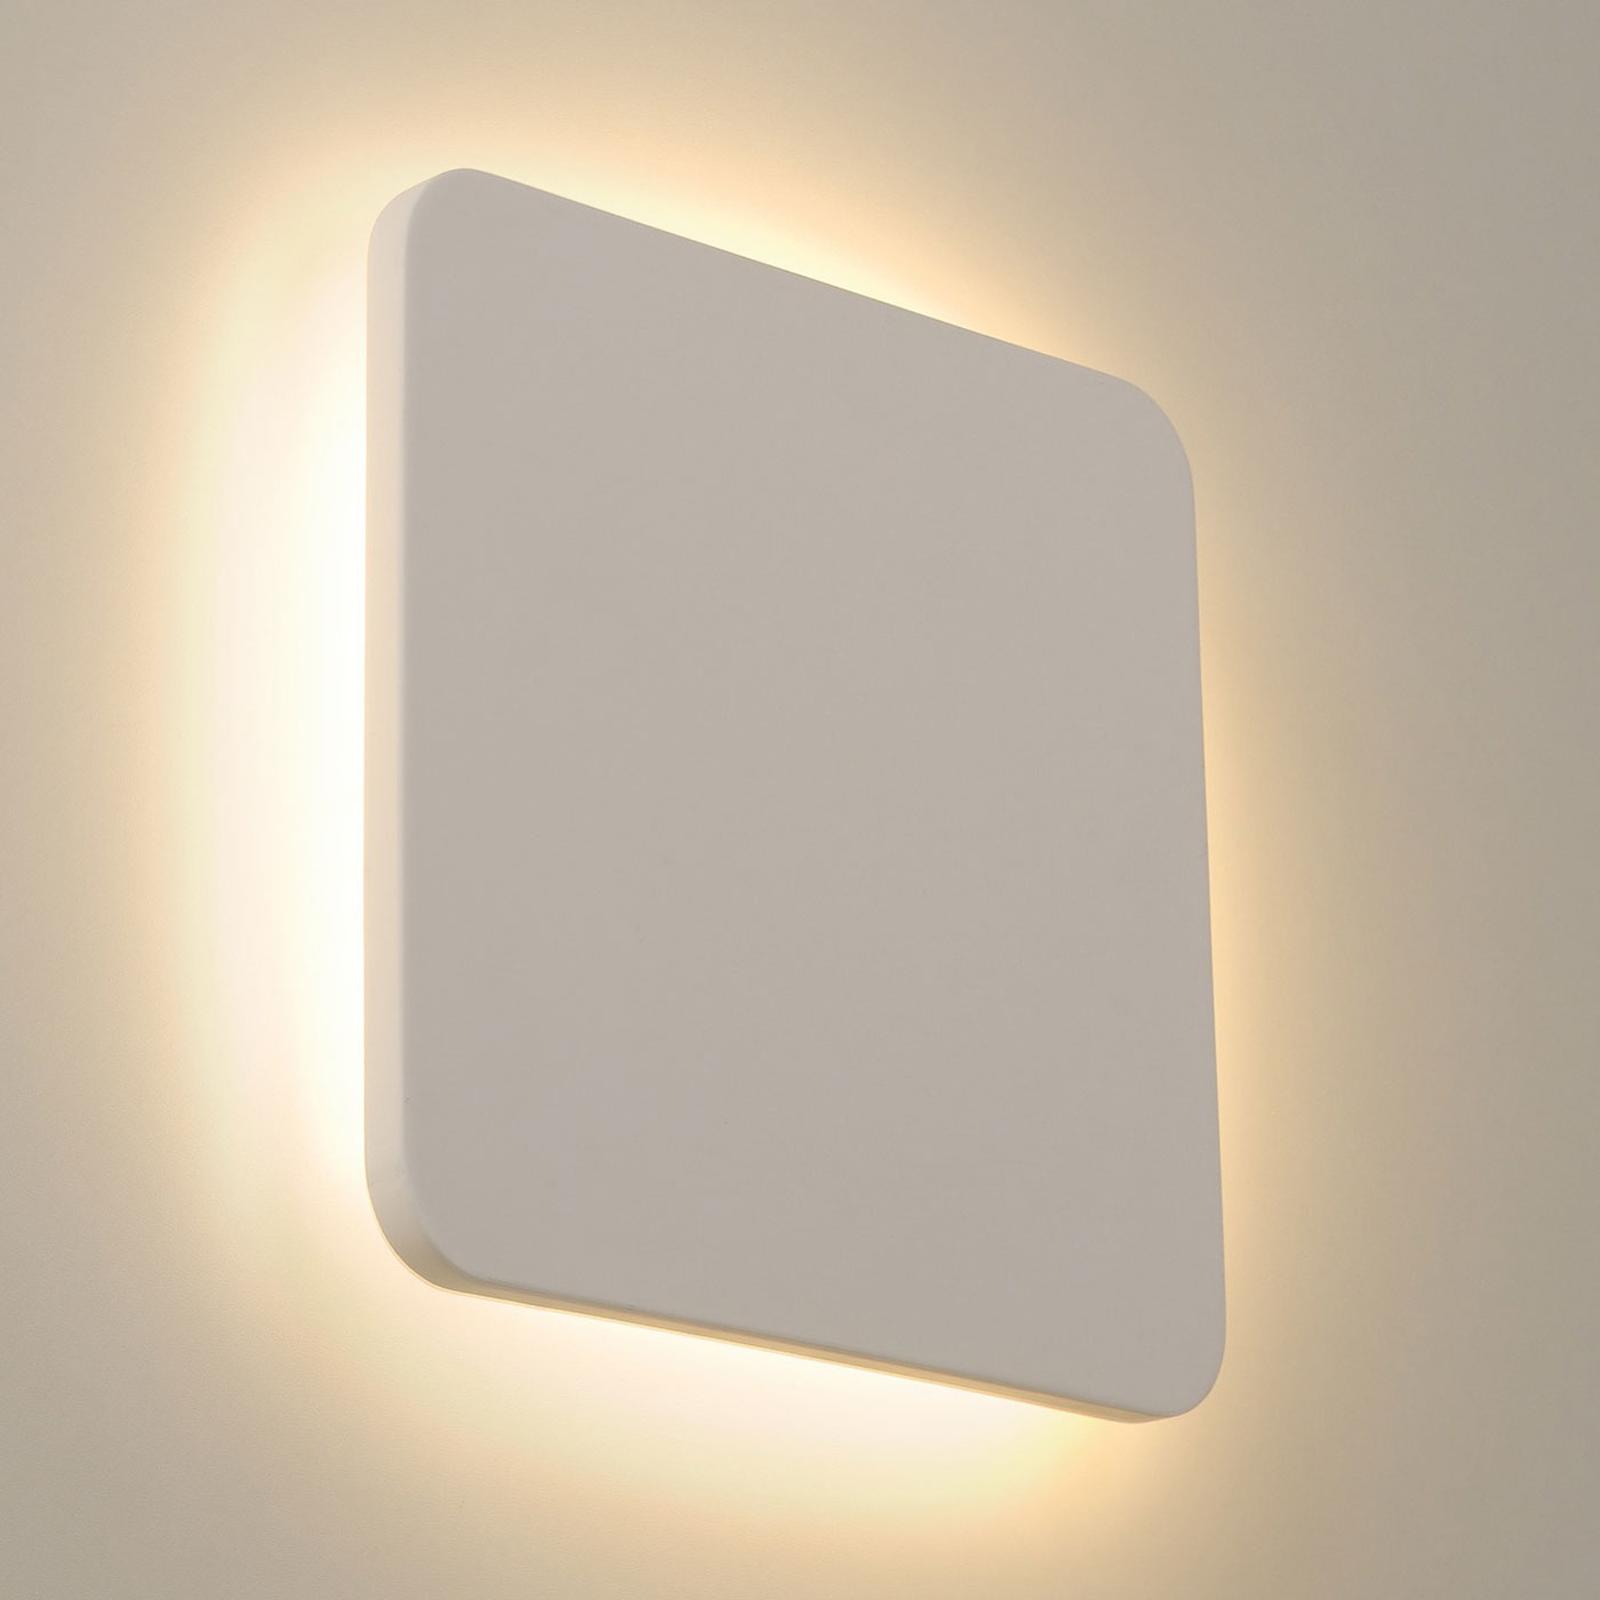 SLV Plastra LED wandlamp van gips hoekig 30x30cm